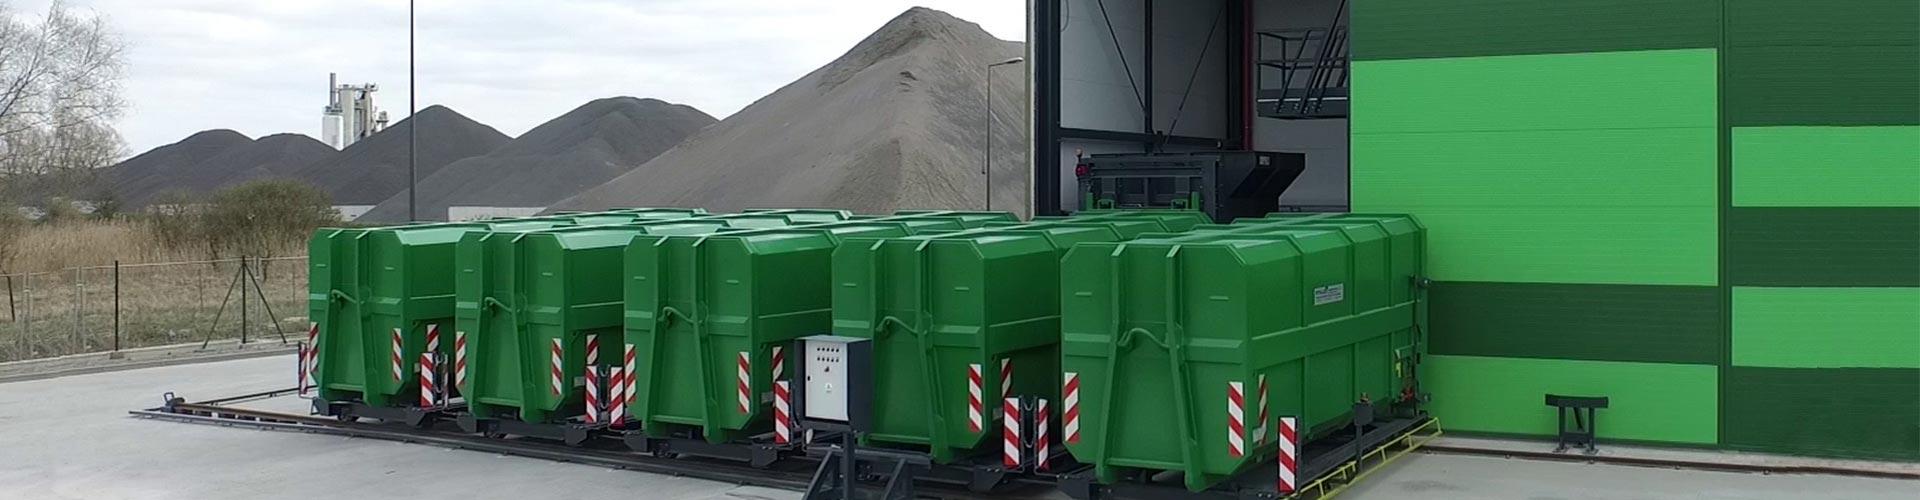 Werner & Weber entwickelt und produziert innovative Produkte zur Abfallsammlung, Entsorgungsanlagen und Mülltransferstationen.